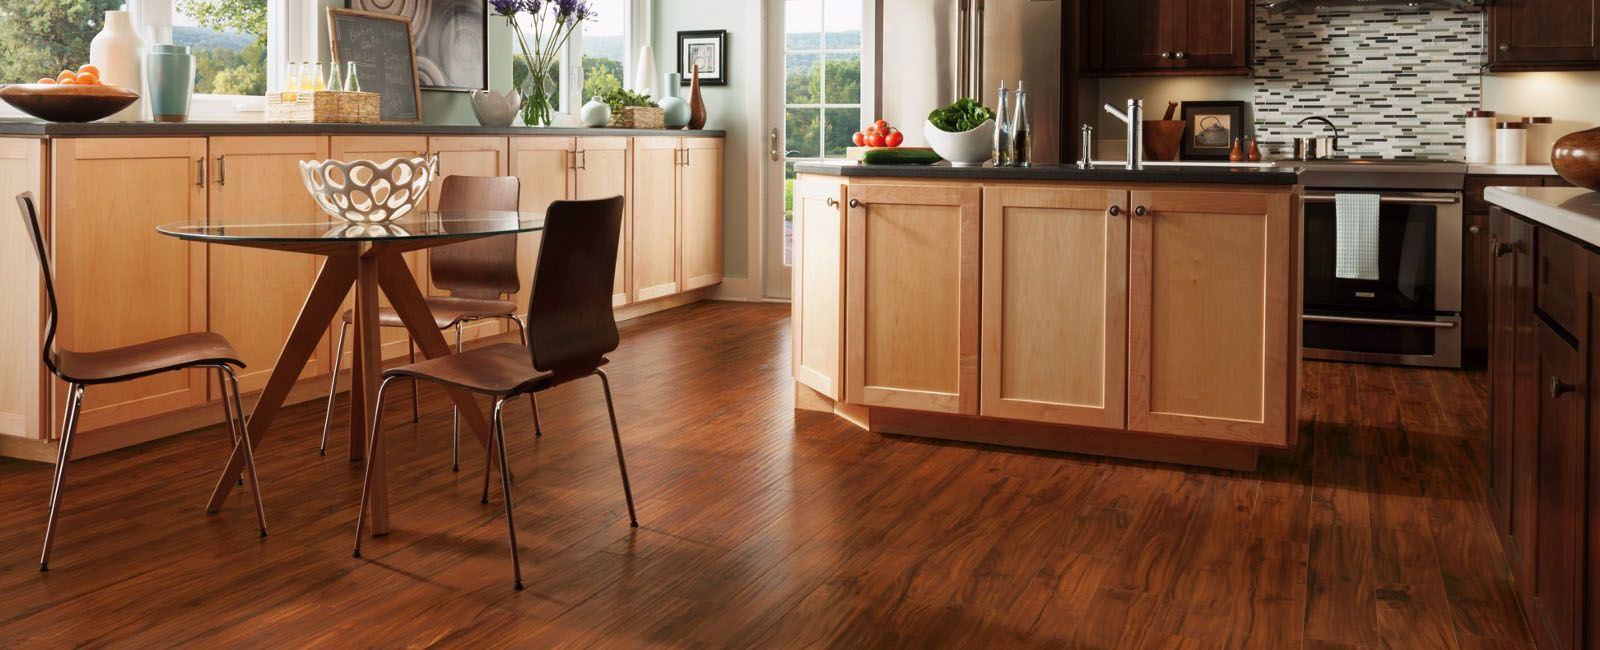 Có những loại sàn nhựa nào lát phòng bếp?